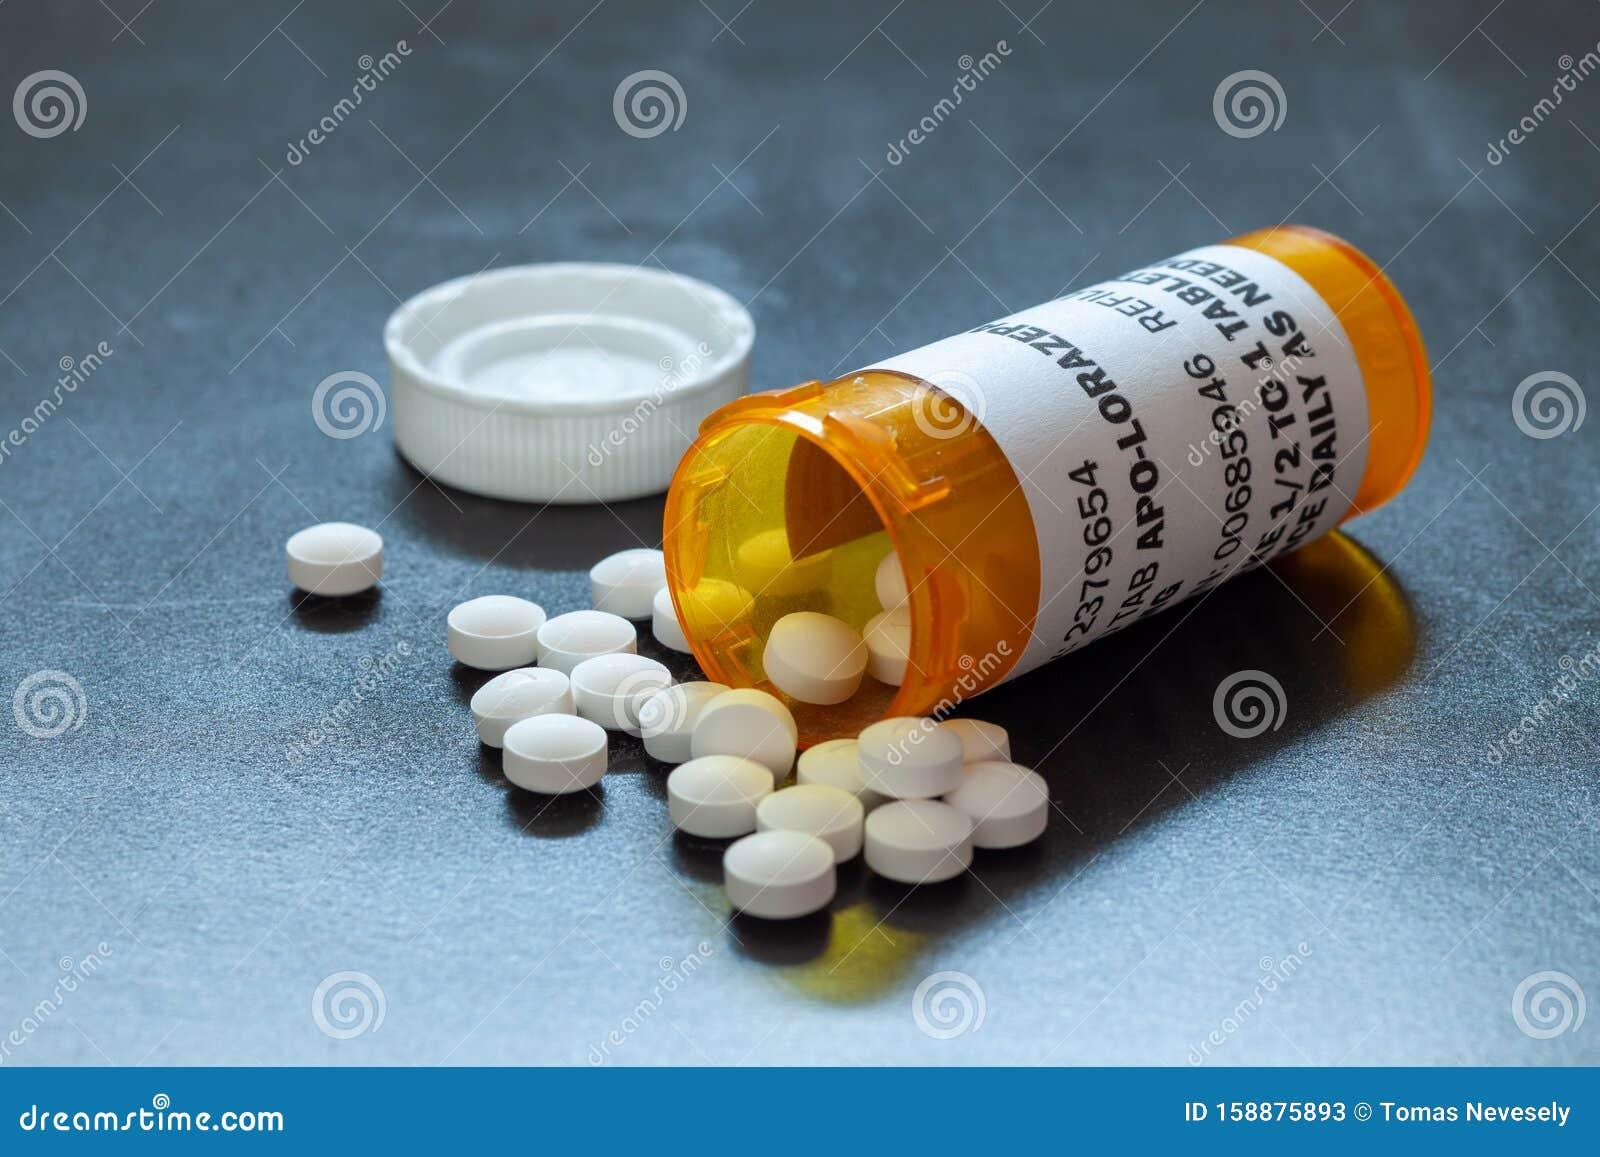 medicin mot ångest